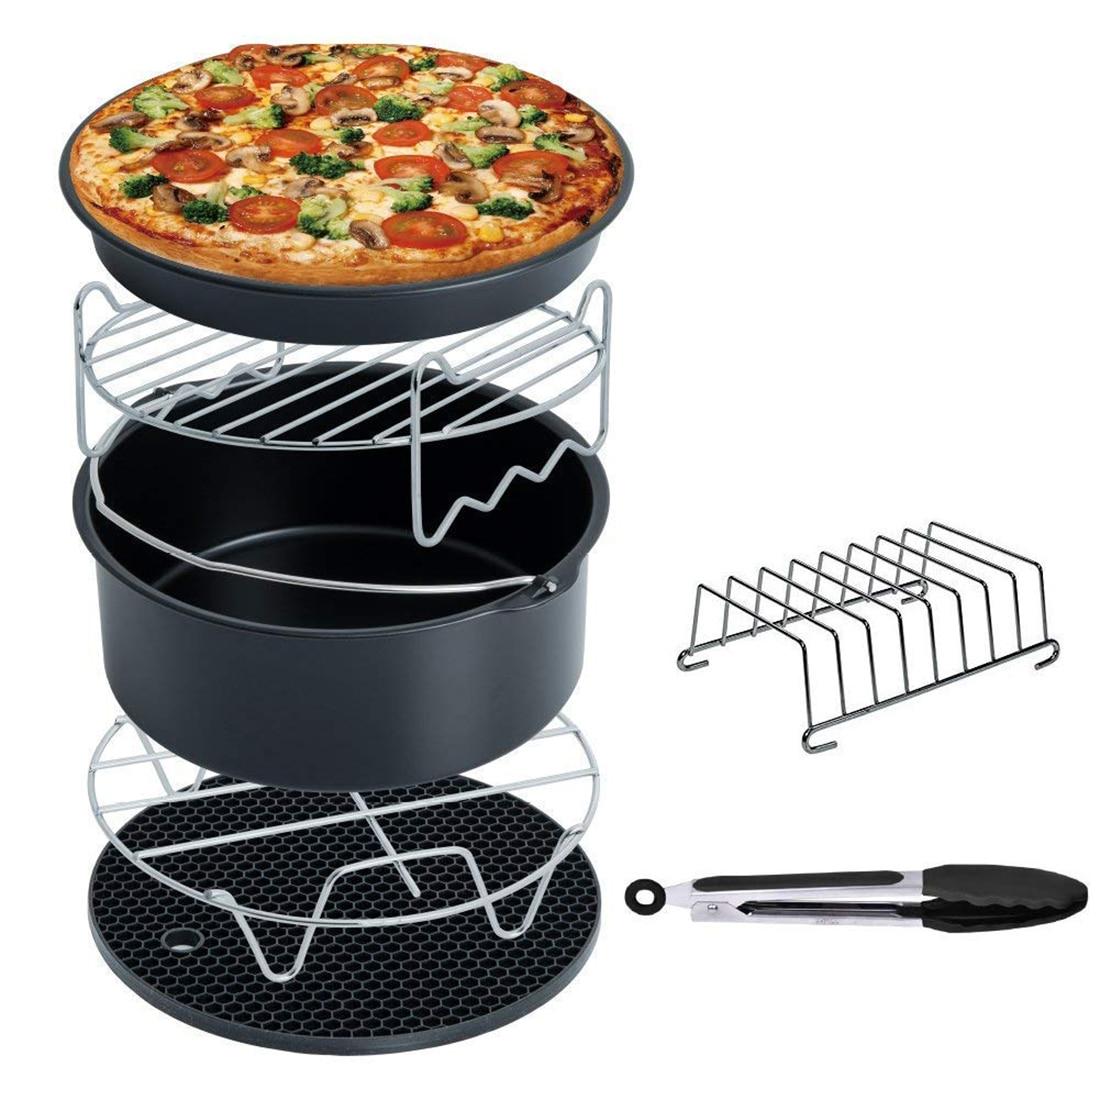 EAS-Air Fryer Accessories Deep Fryer Universal, Cake Barrel, Pizza Pan,Mat, Skewer Rack, holder Fit all 5.3Qt - 5.8Qt(XL)EAS-Air Fryer Accessories Deep Fryer Universal, Cake Barrel, Pizza Pan,Mat, Skewer Rack, holder Fit all 5.3Qt - 5.8Qt(XL)